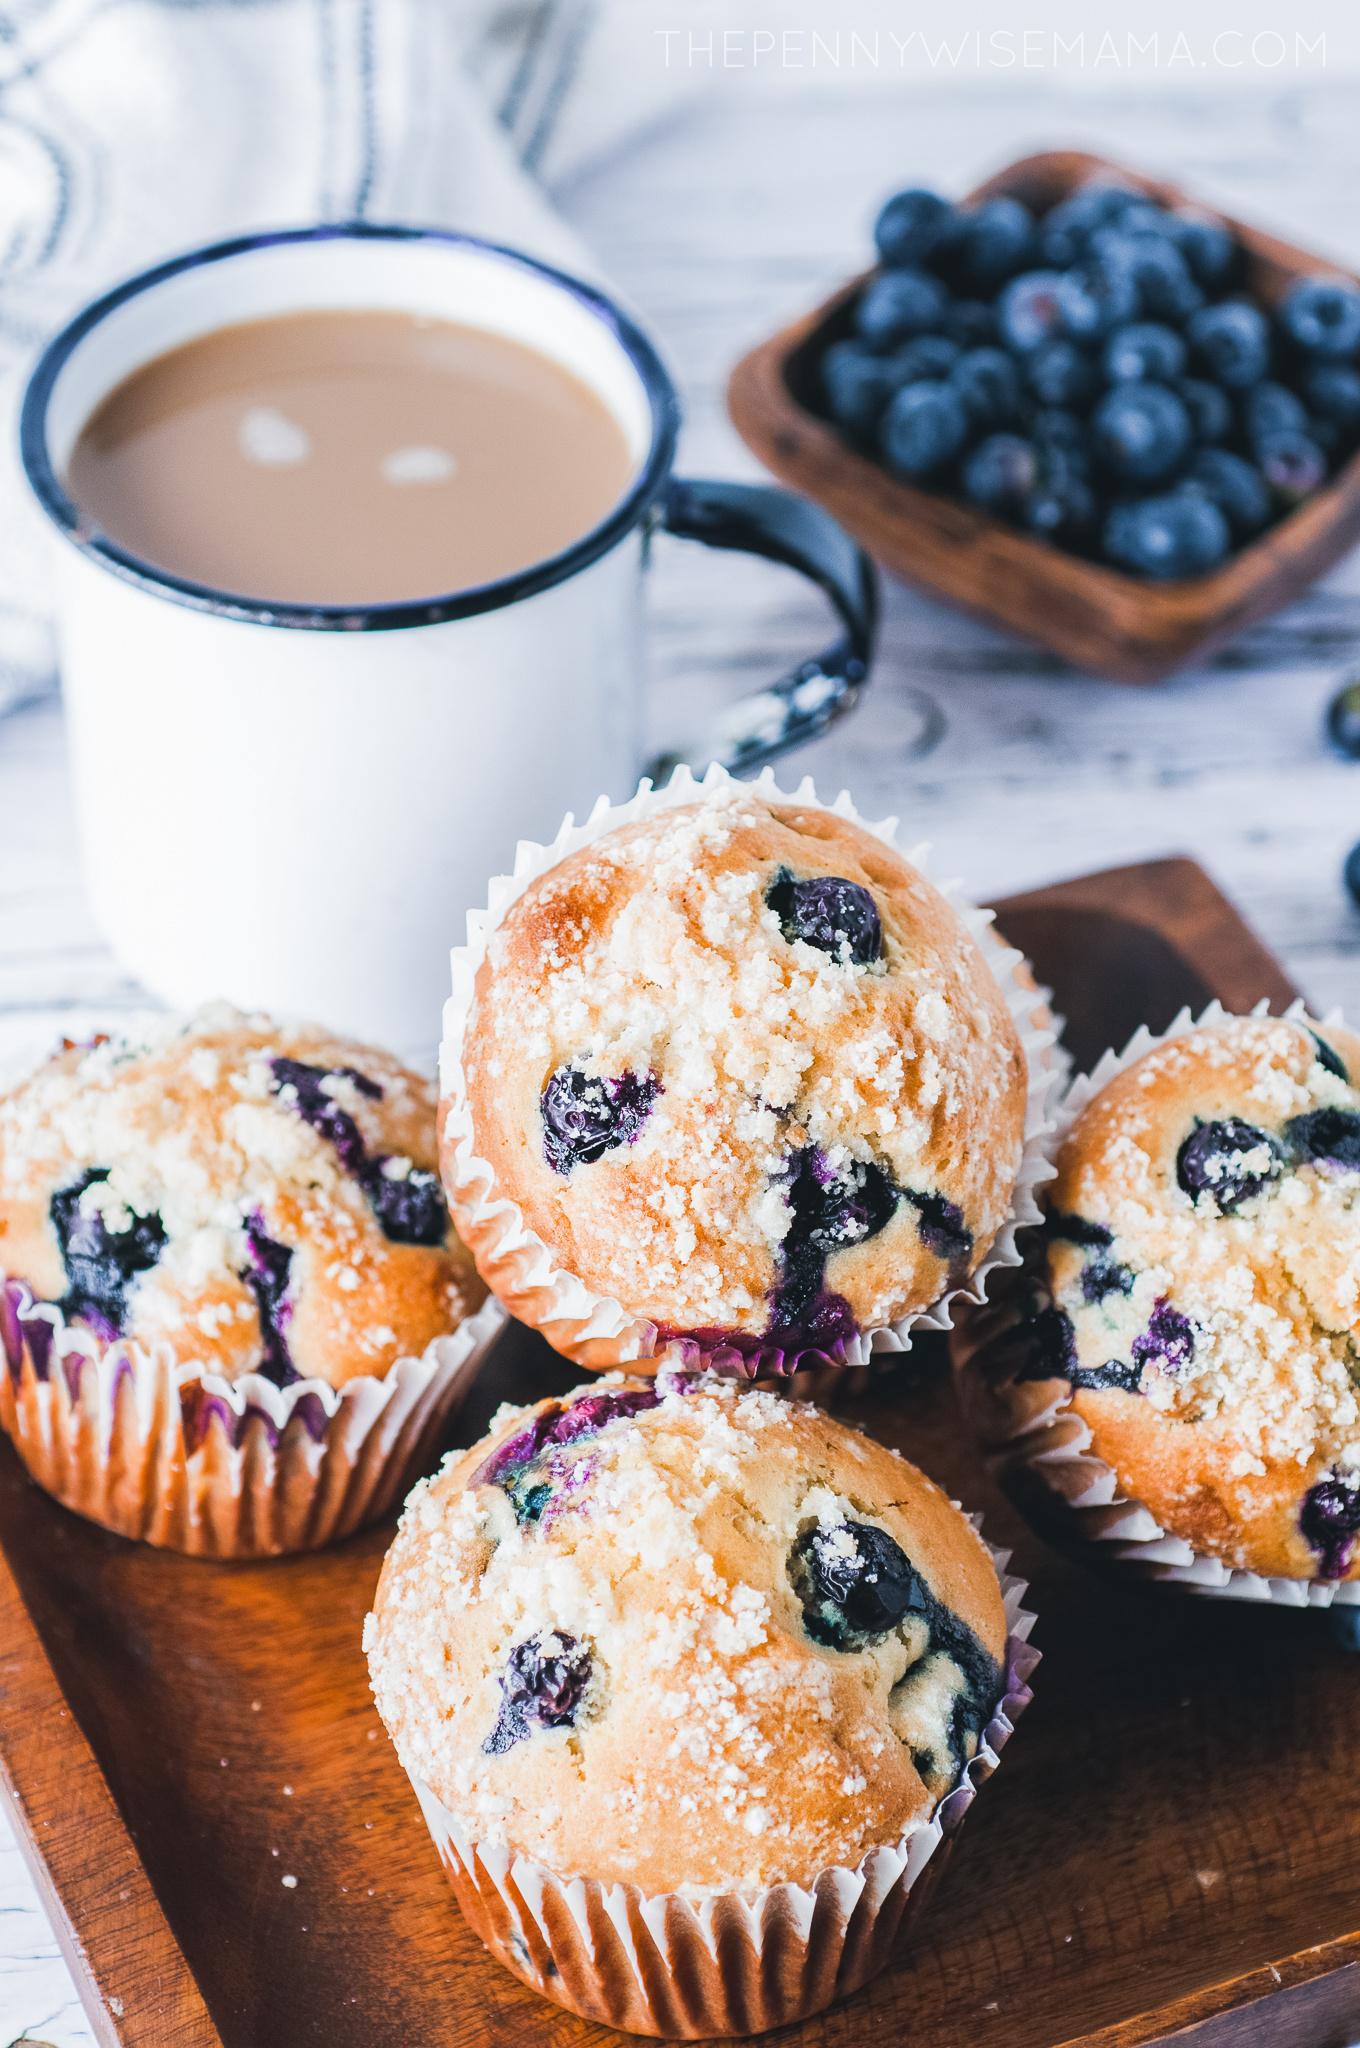 The Best Jumbo Lemon Blueberry Muffins